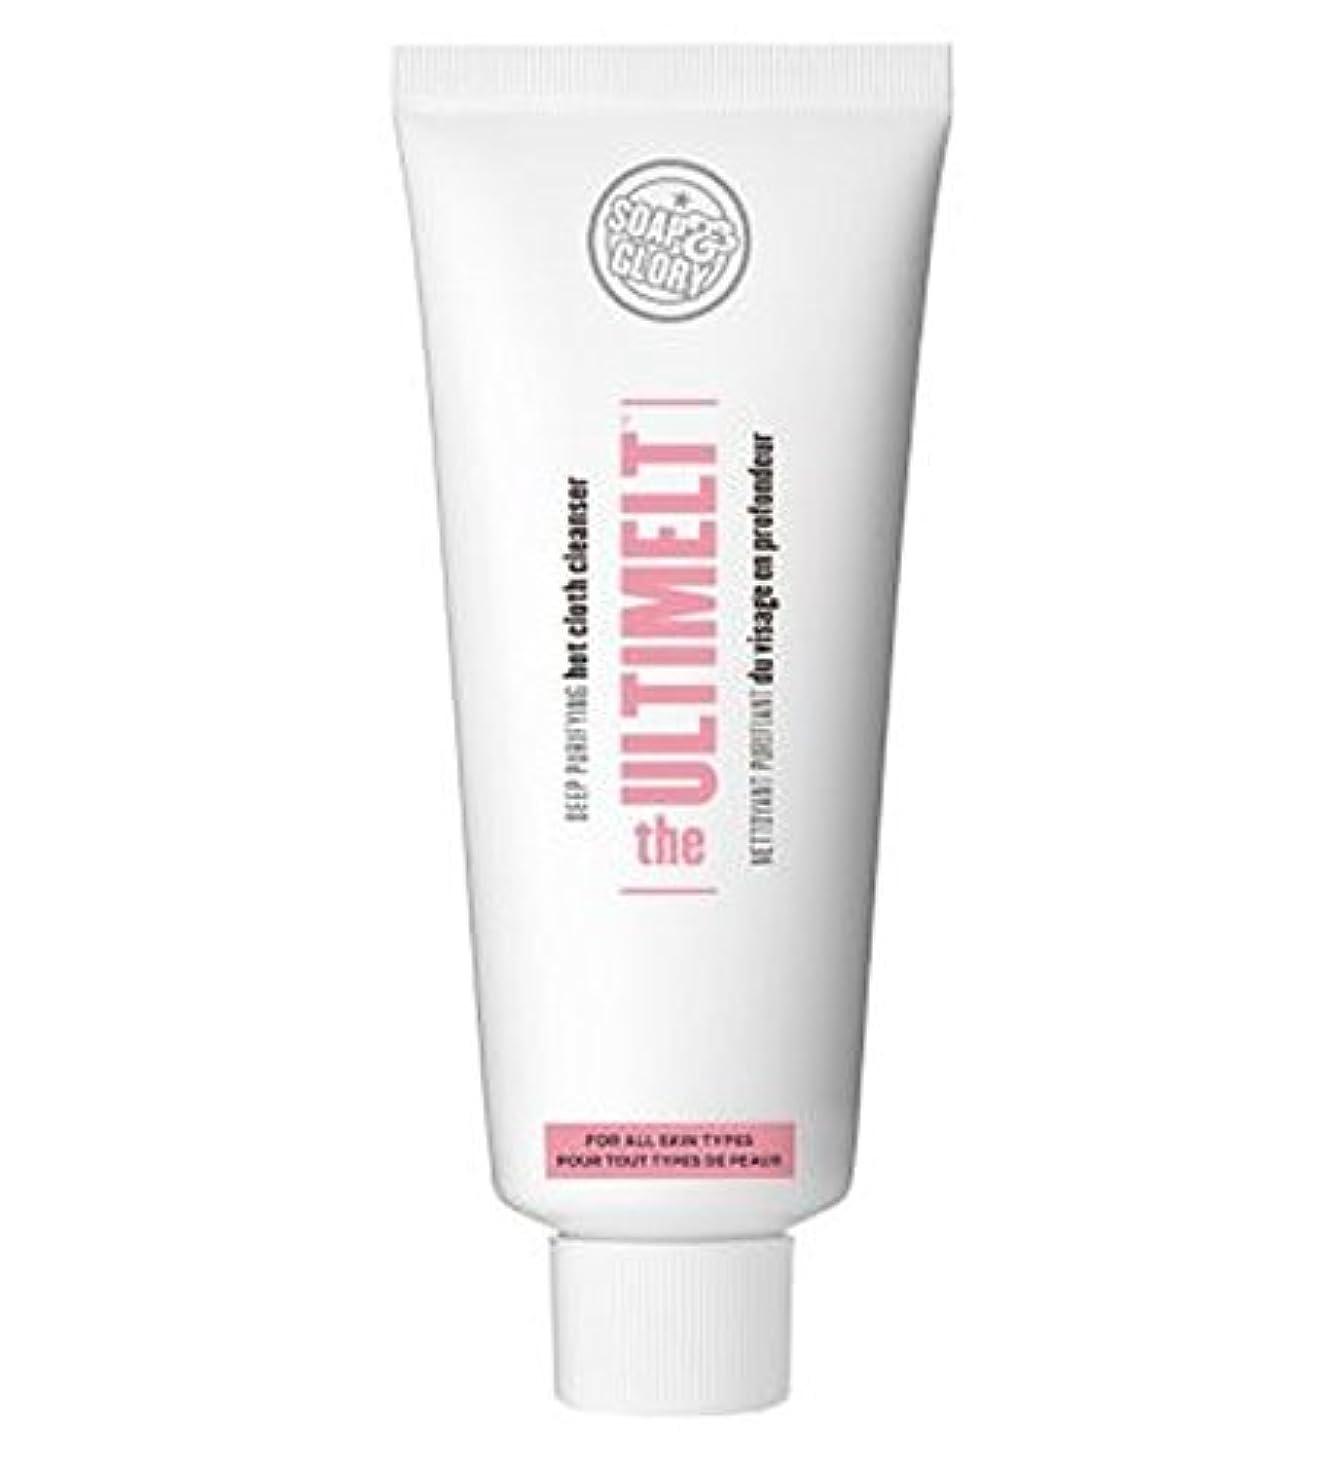 紳士広がり待ってUltimelt?深い浄化ホット布クレンザー?石鹸&栄光 (Soap & Glory) (x2) - Soap & Glory? The Ultimelt? Deep Purifying Hot Cloth Cleanser...